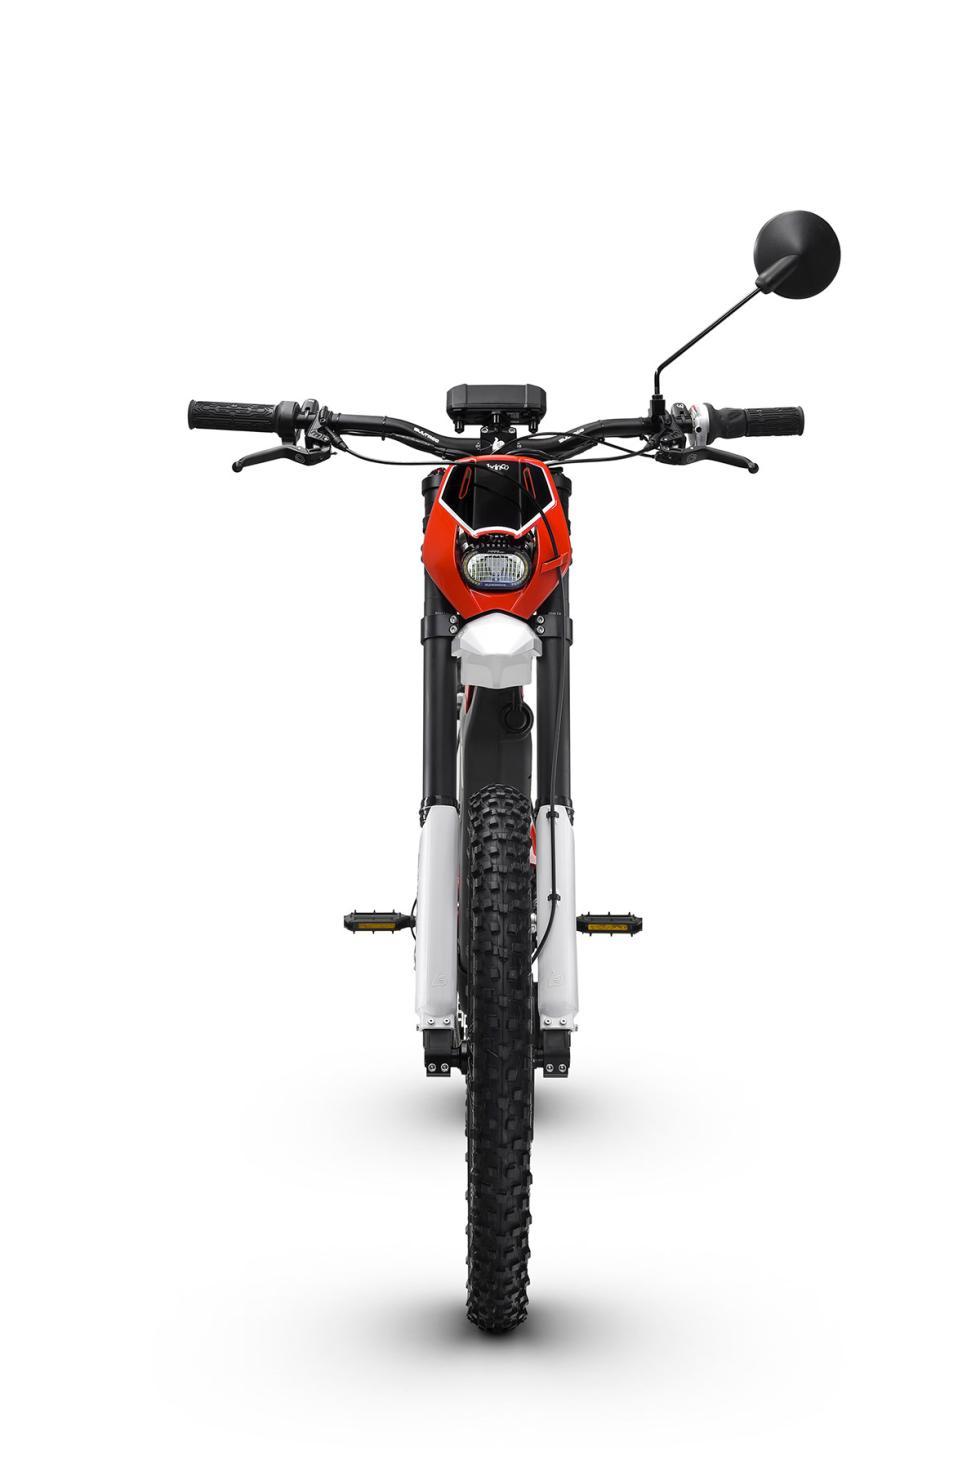 Bultaco-Brinco-2016-8